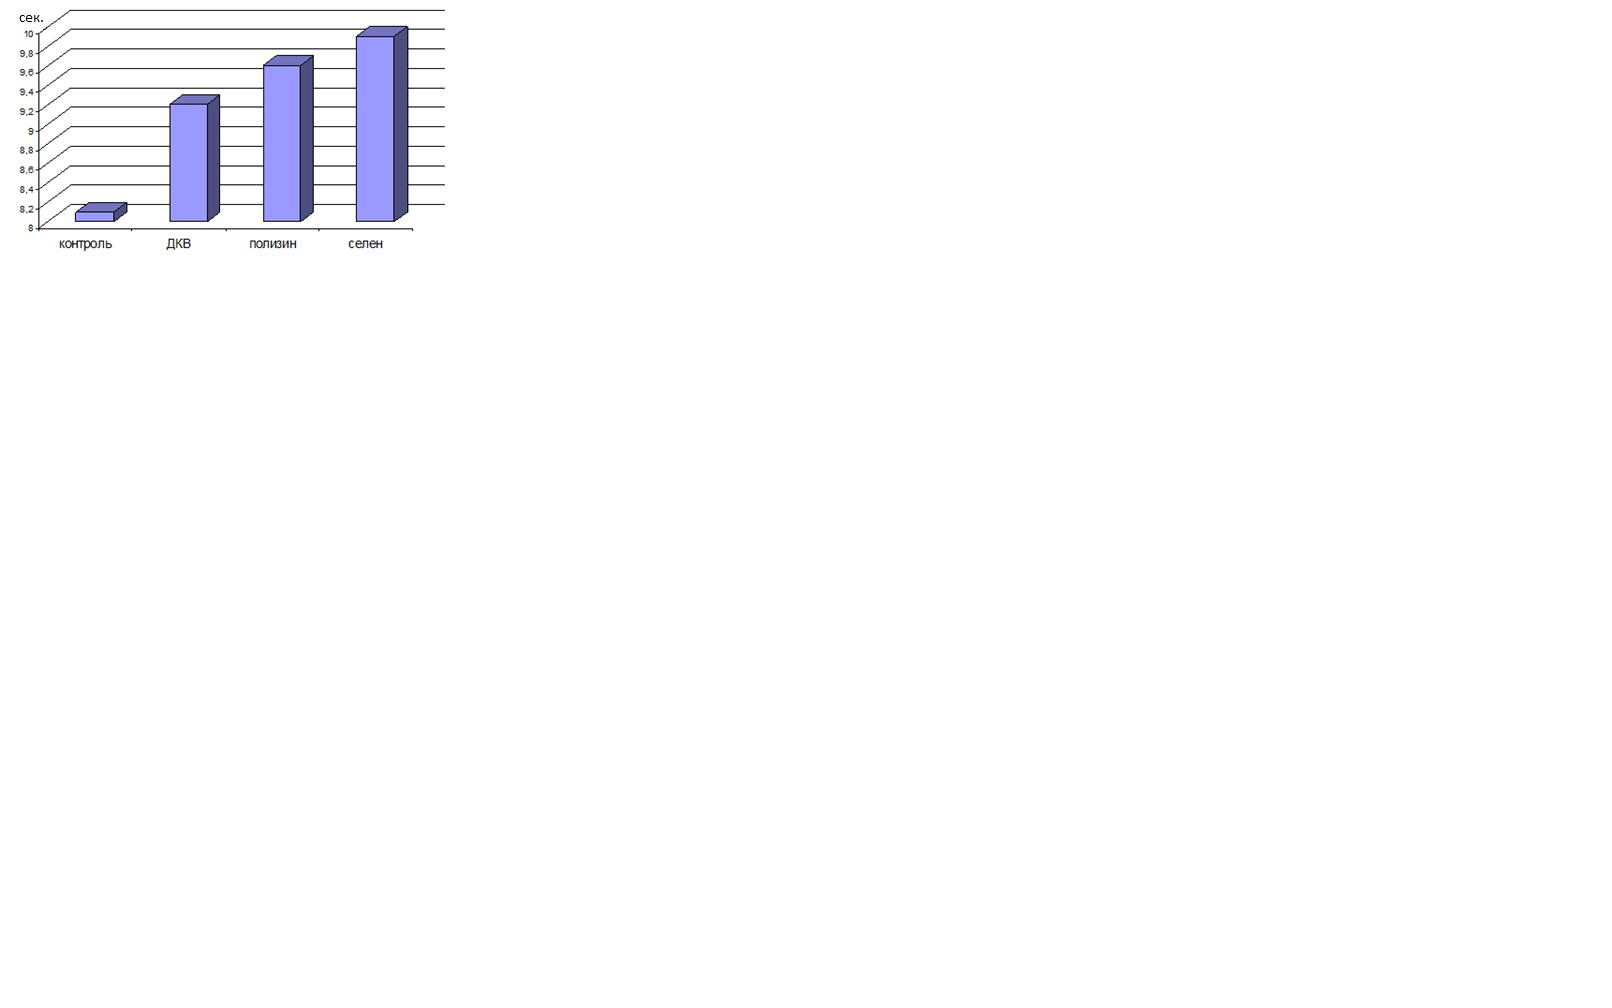 word image 459 Исследование влияния на репродуктивную функцию пчелиных маток и активность сперматогенеза трутней функциональных кормовых добавок, потребляемых пчелиными семьями